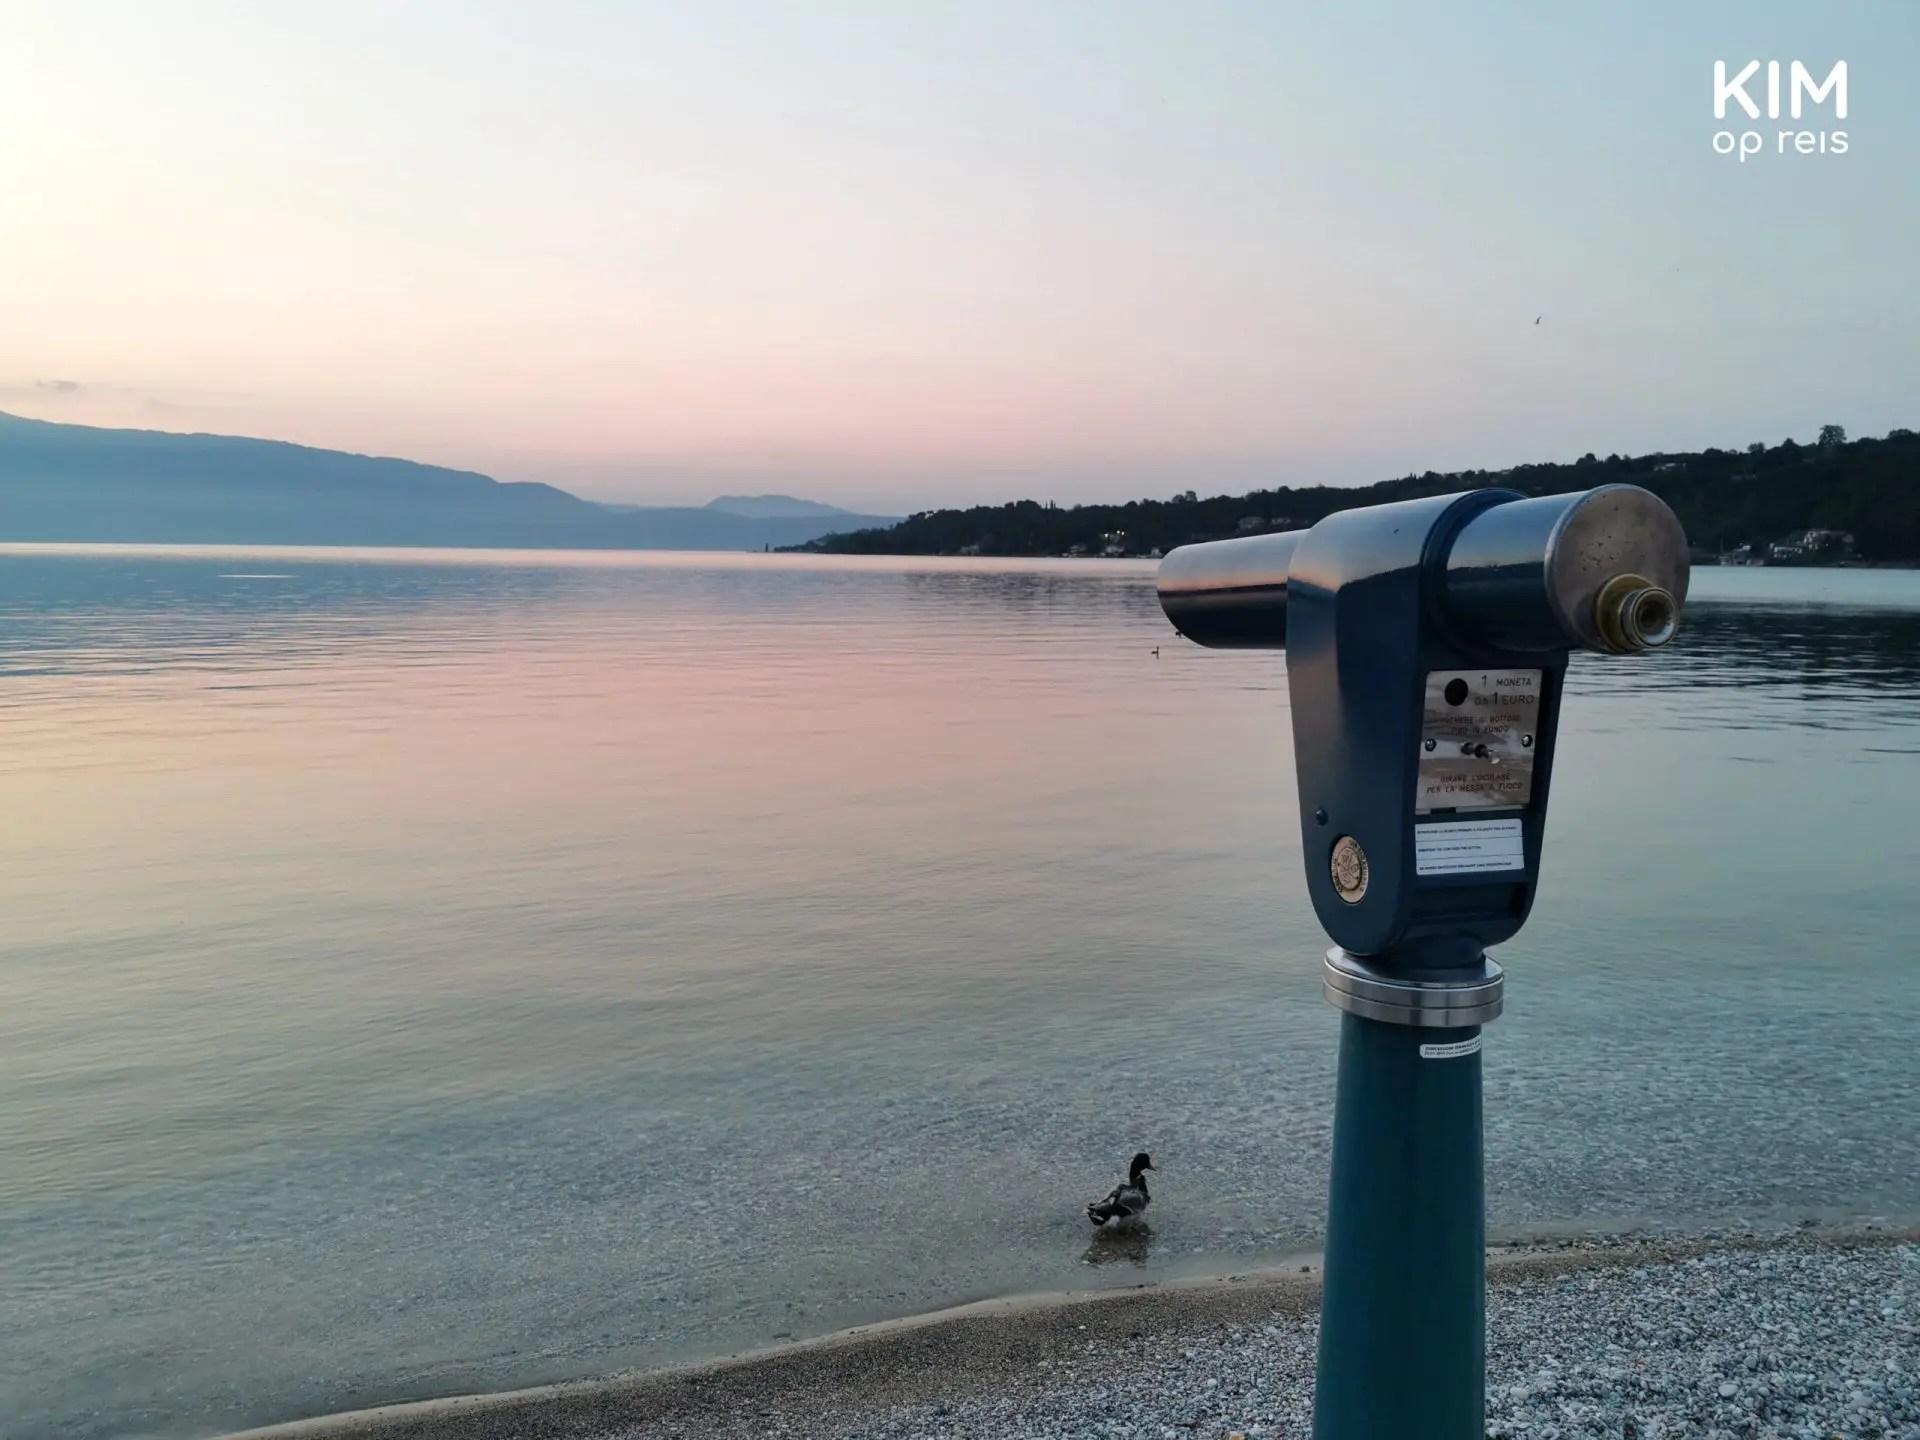 Zonsopgang Salò - uitzicht over het meer met een verrekijker rechts